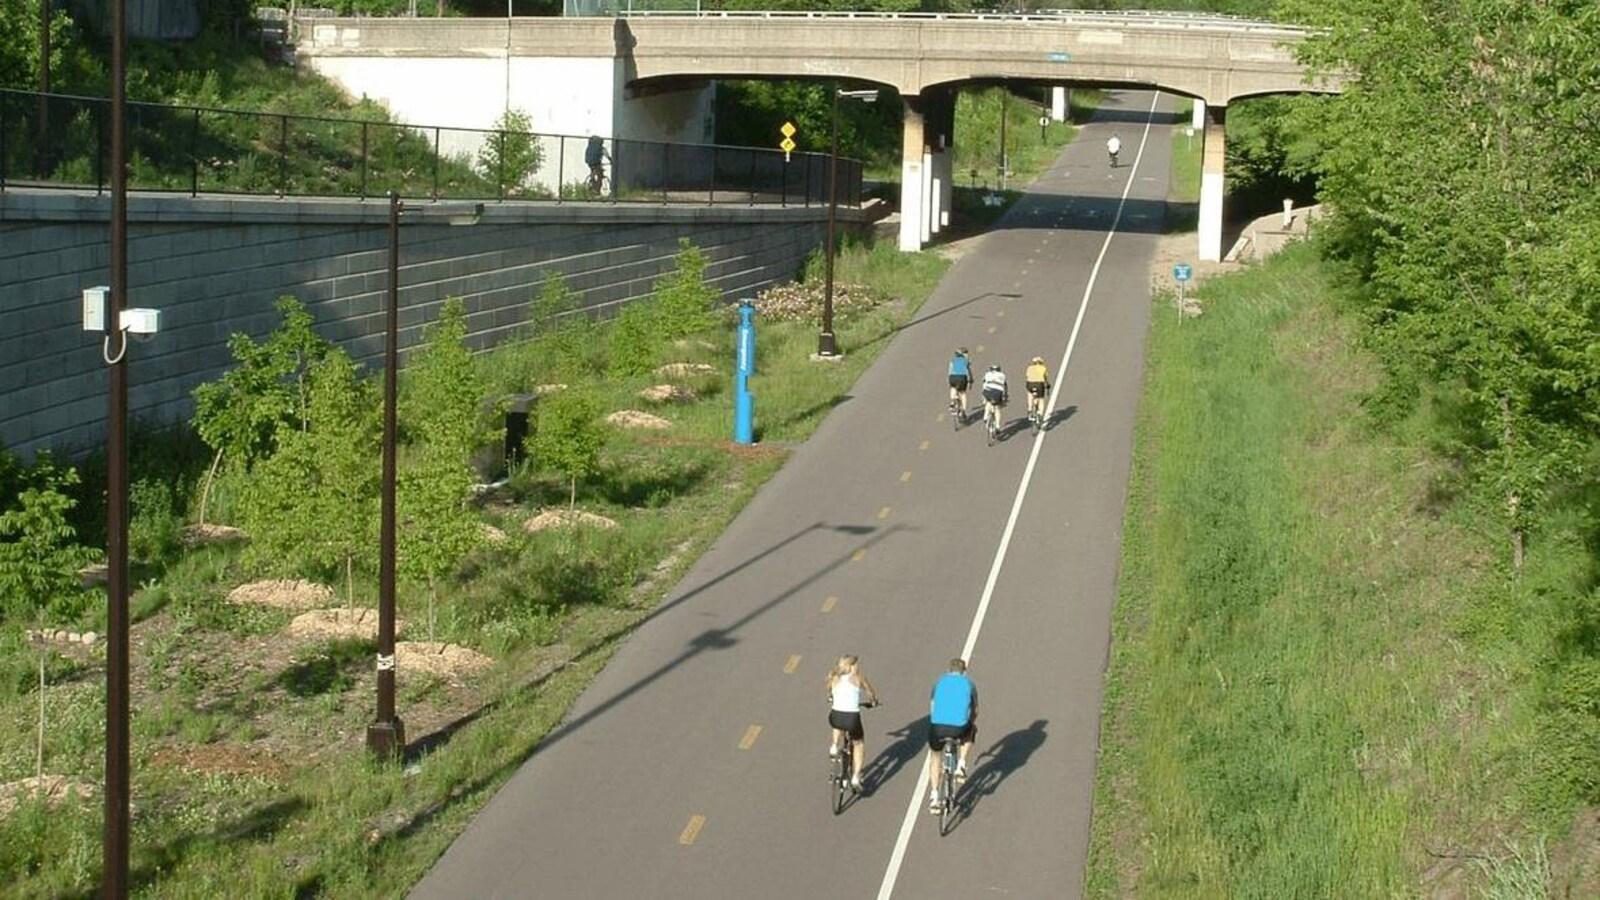 Un large sentier pour vélo entouré de végétations, sur lequel circulent quelques personnes.